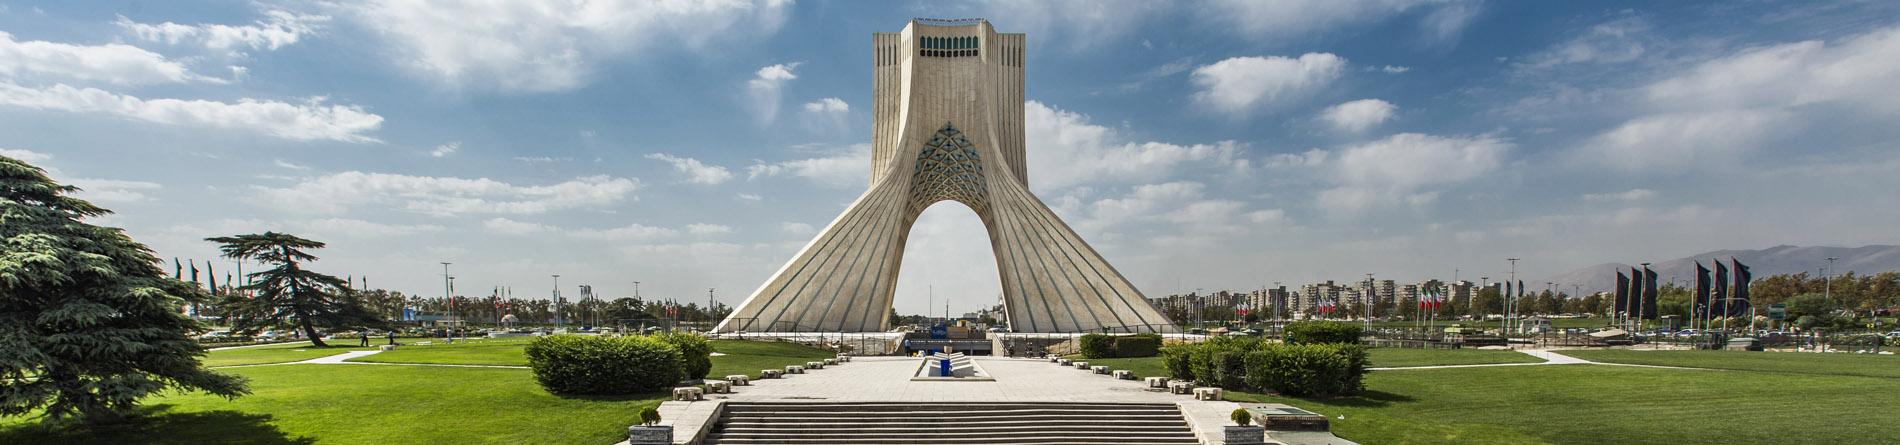 Azadi Square-Shahyad Square-Tehran-Iran